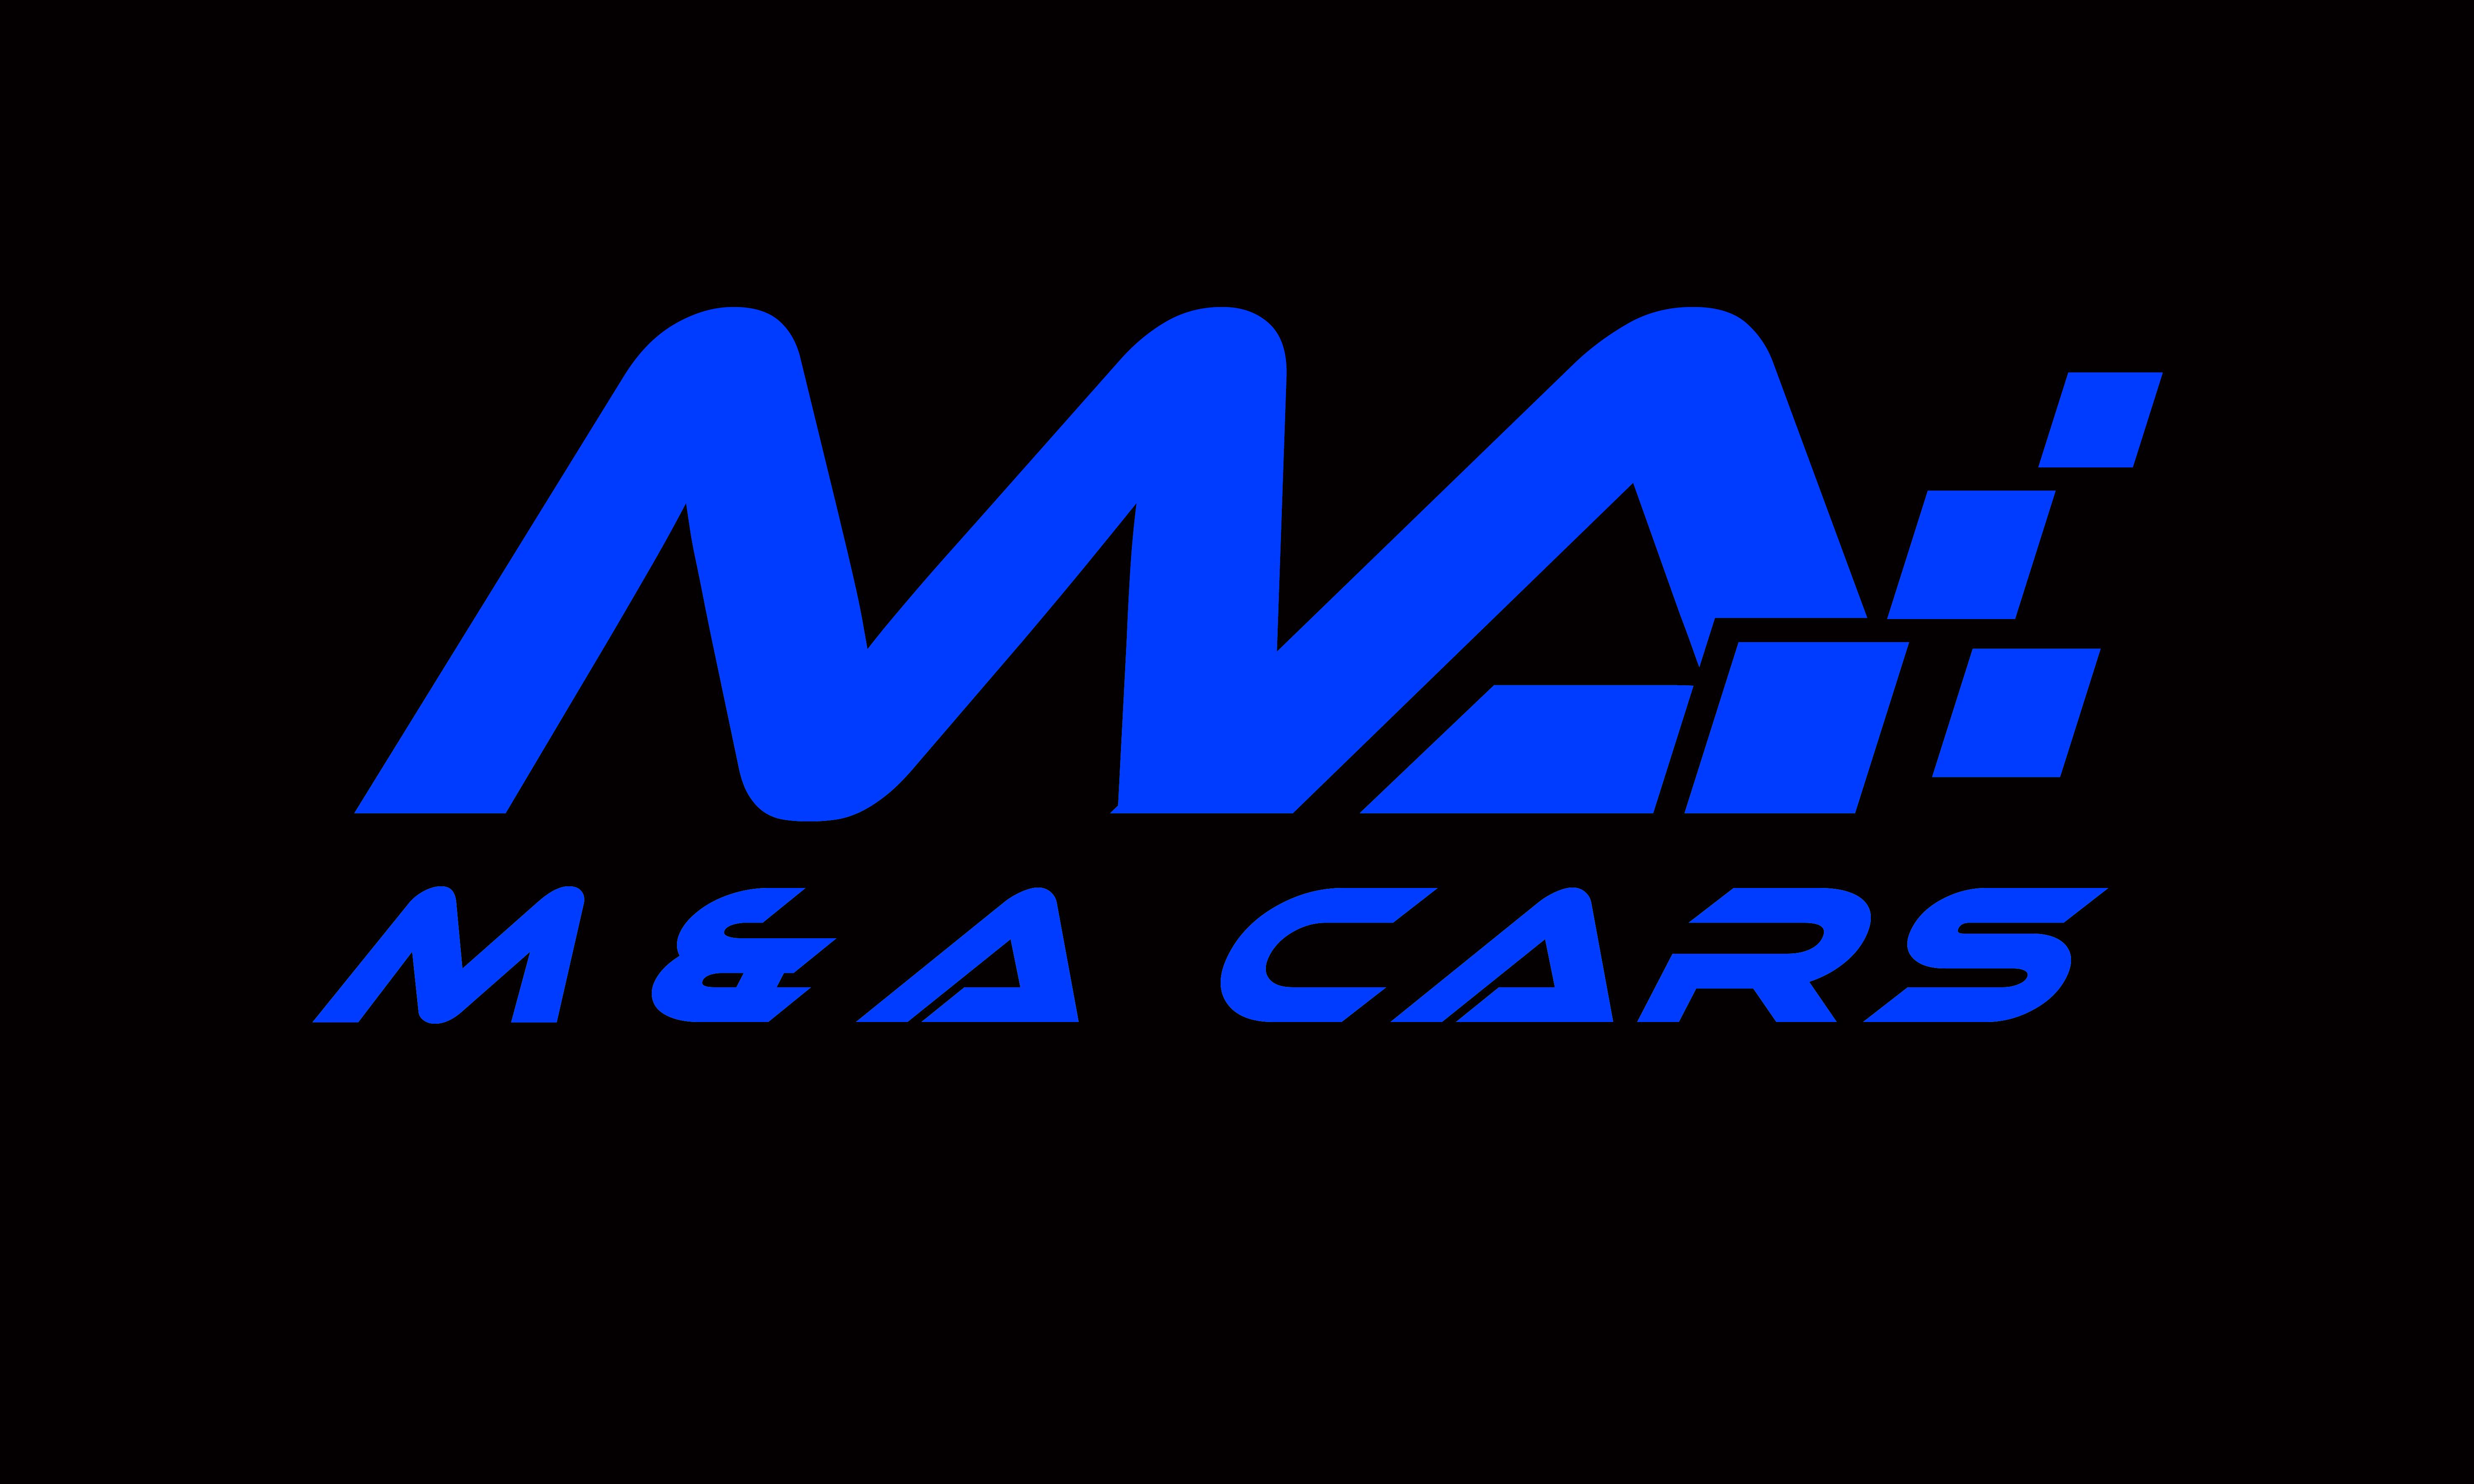 M & A Cars Logo